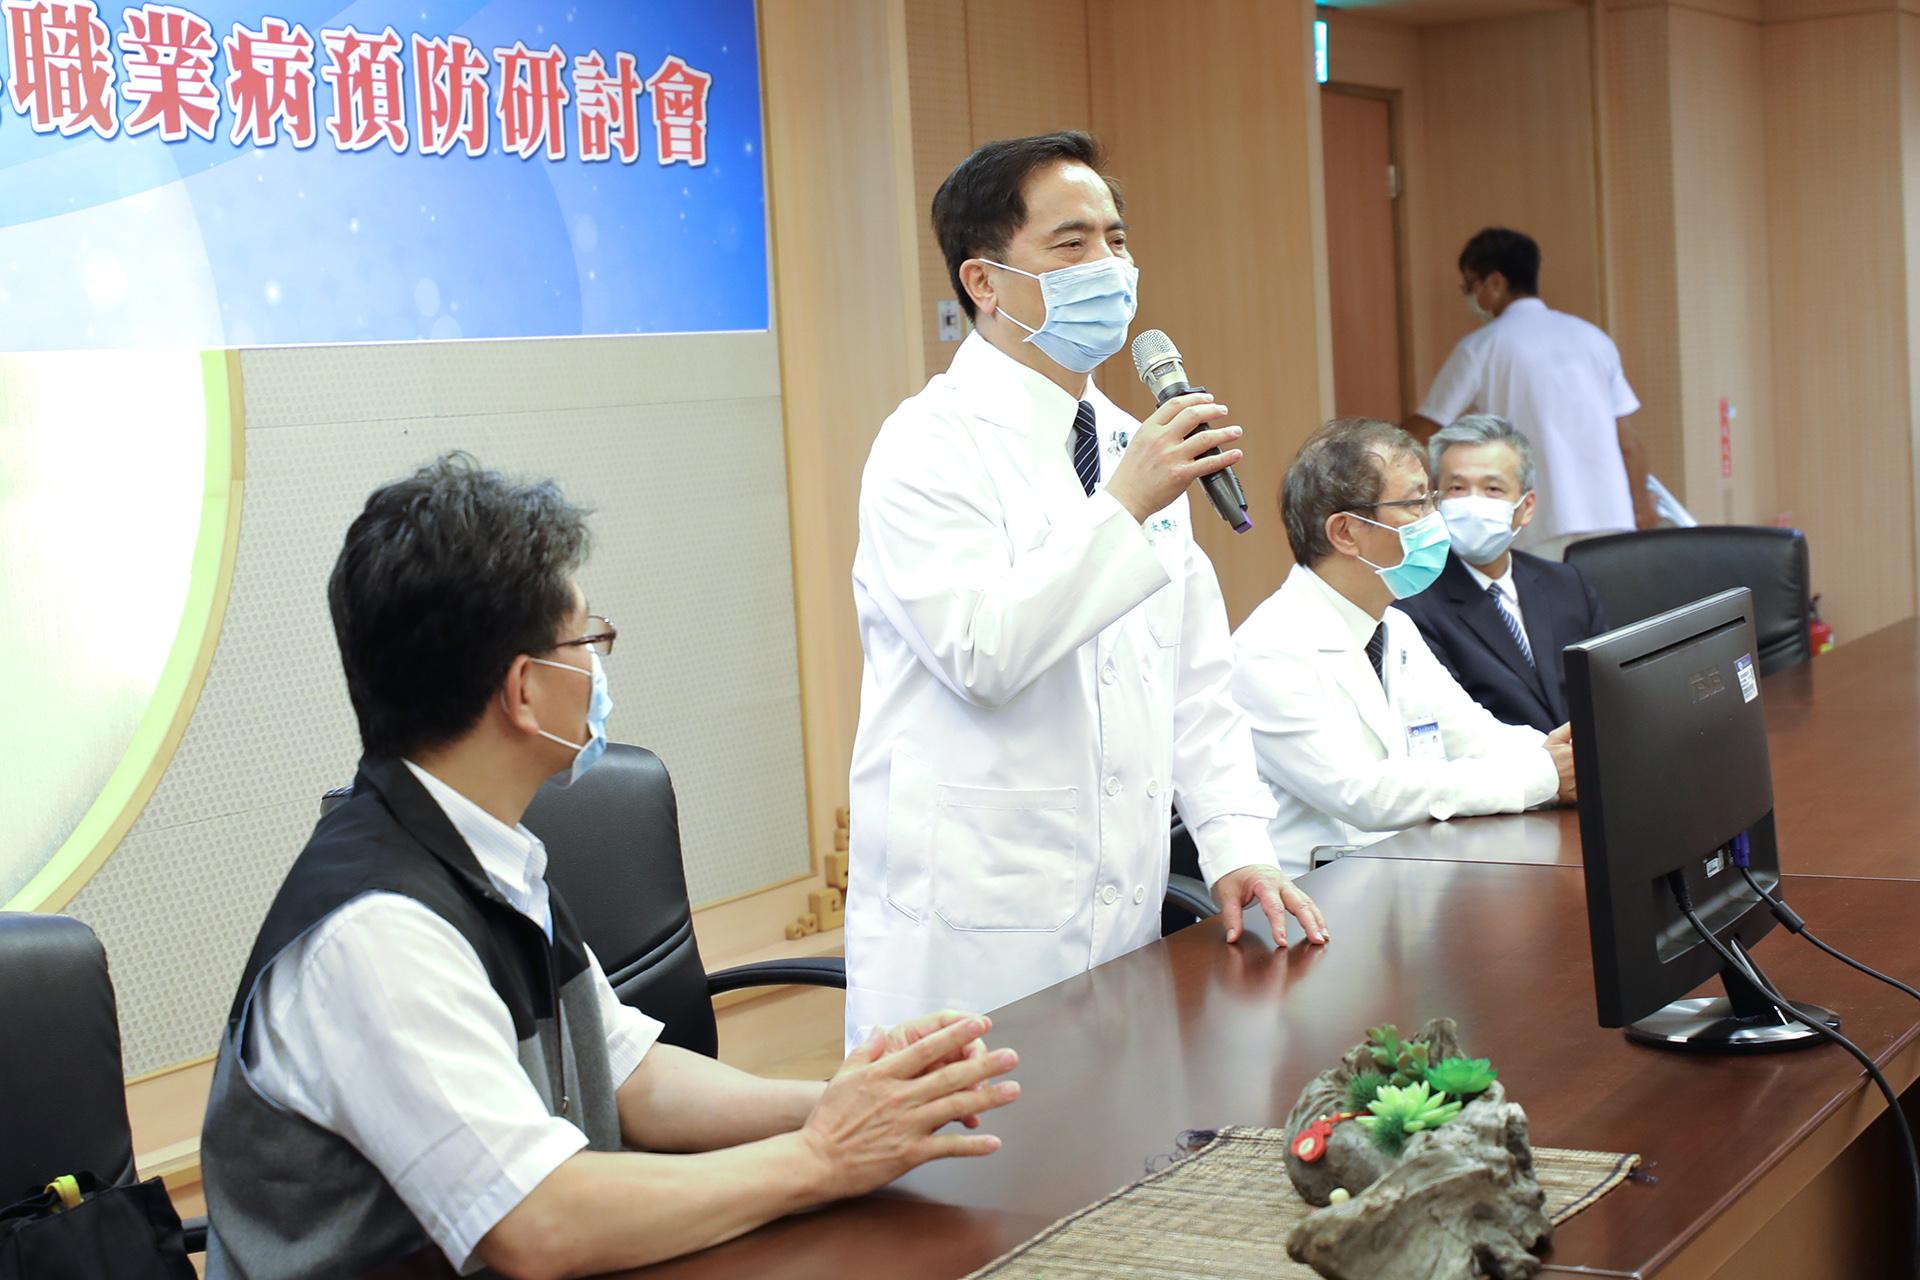 林欣榮院長強調預防醫學健康觀念,是守護同仁健康最實在的方法。